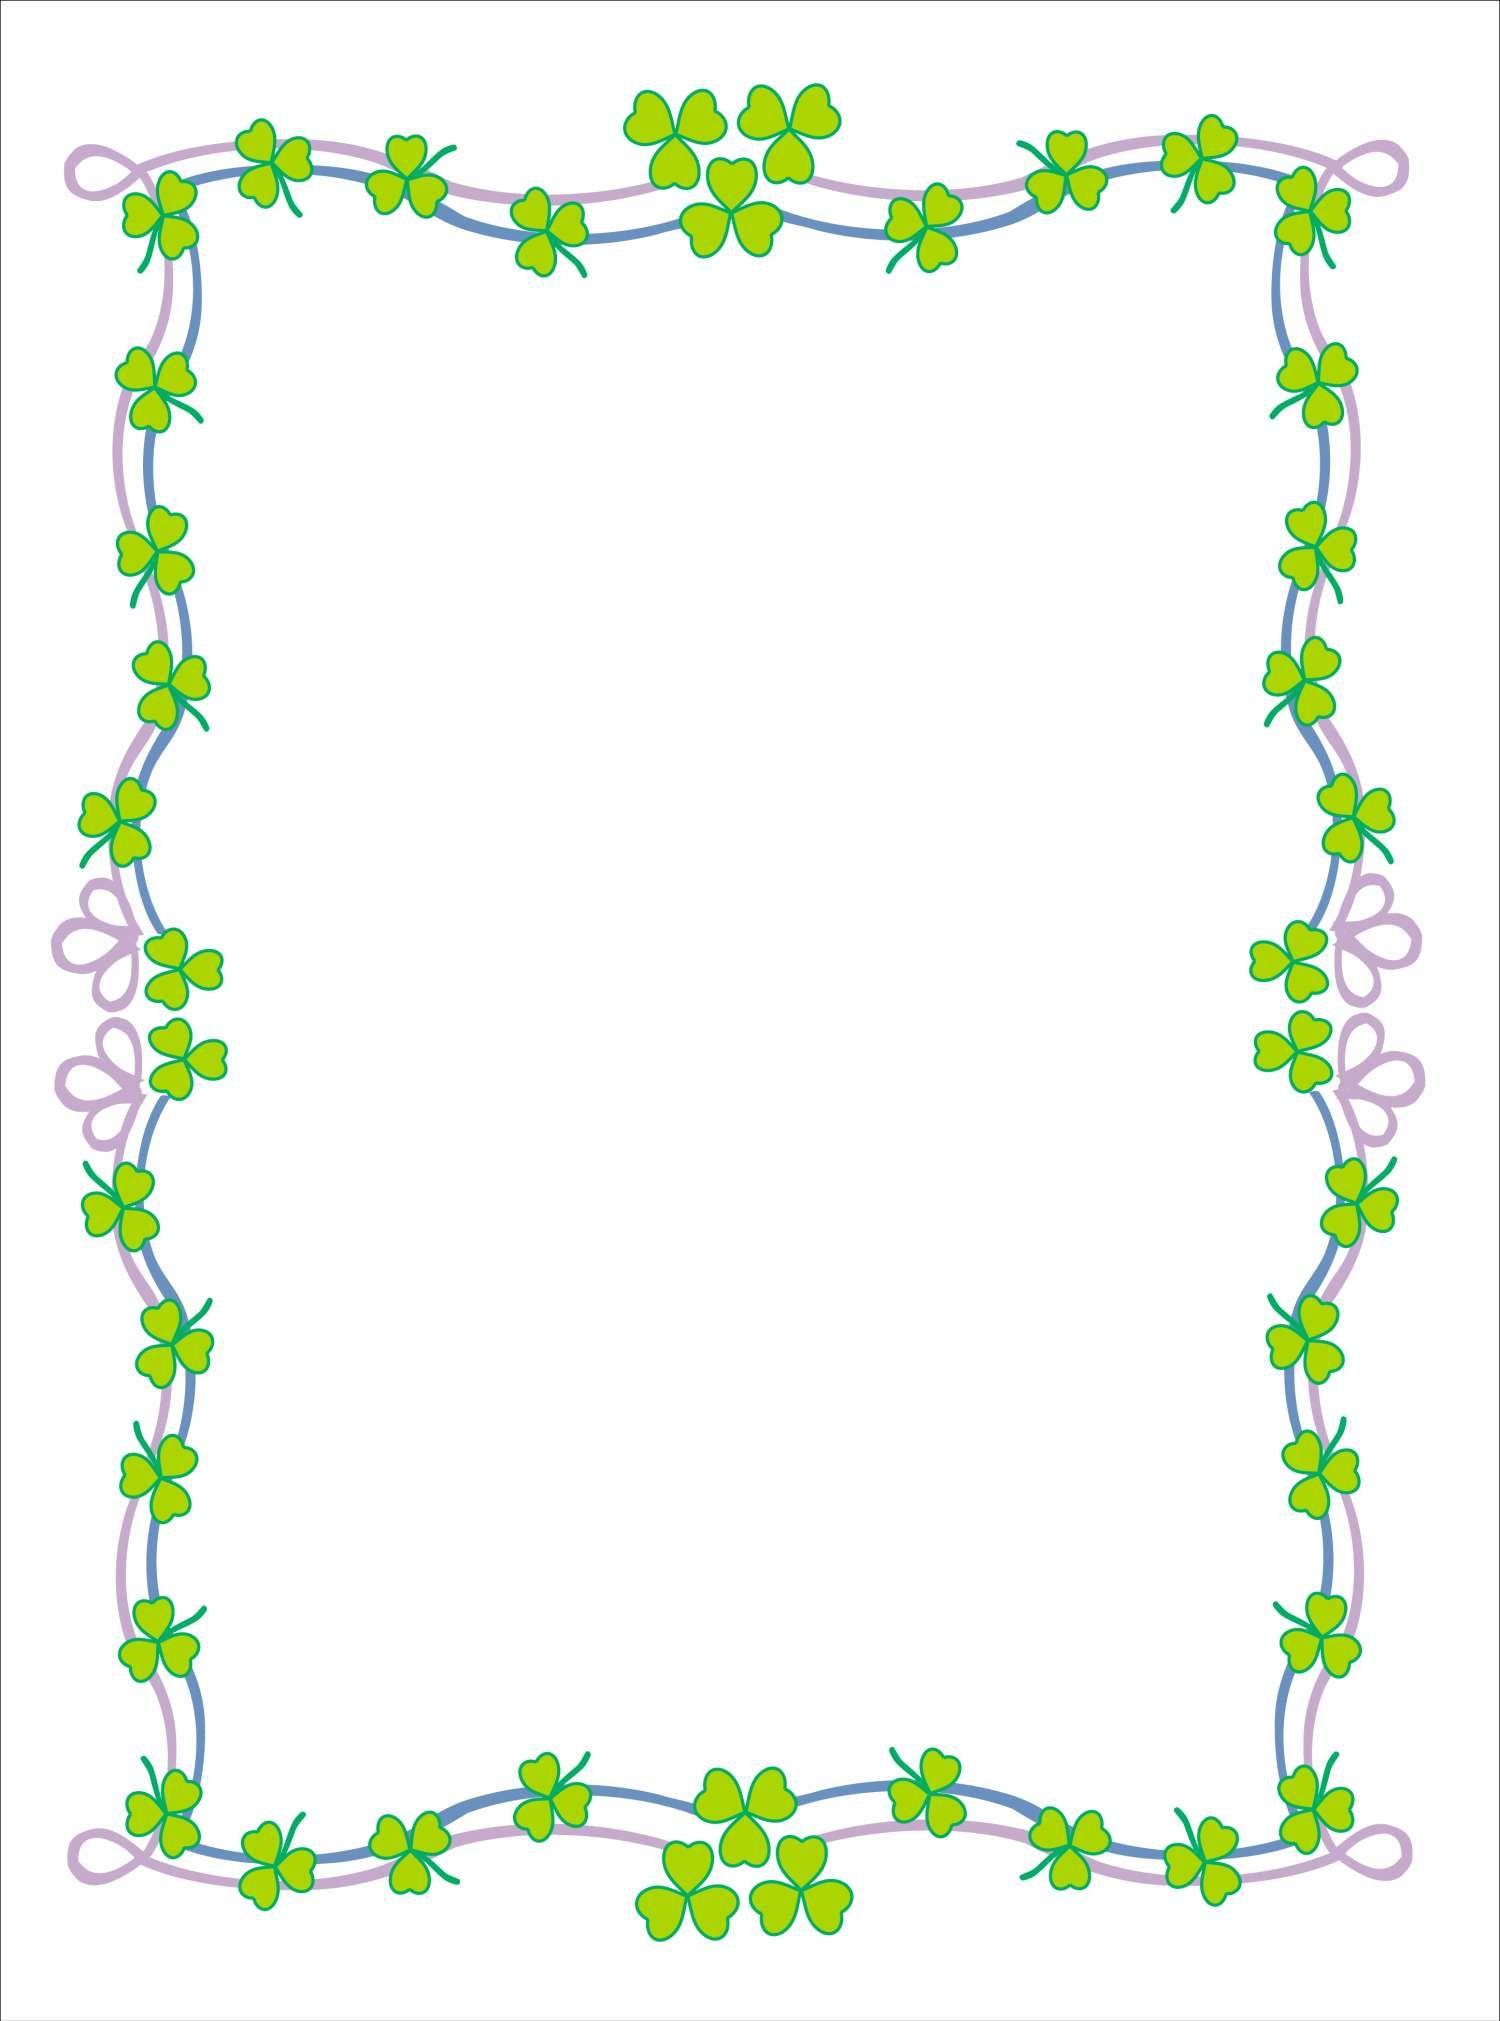 Pin de I T en Borders/Frames 1. | Pinterest | Marcos